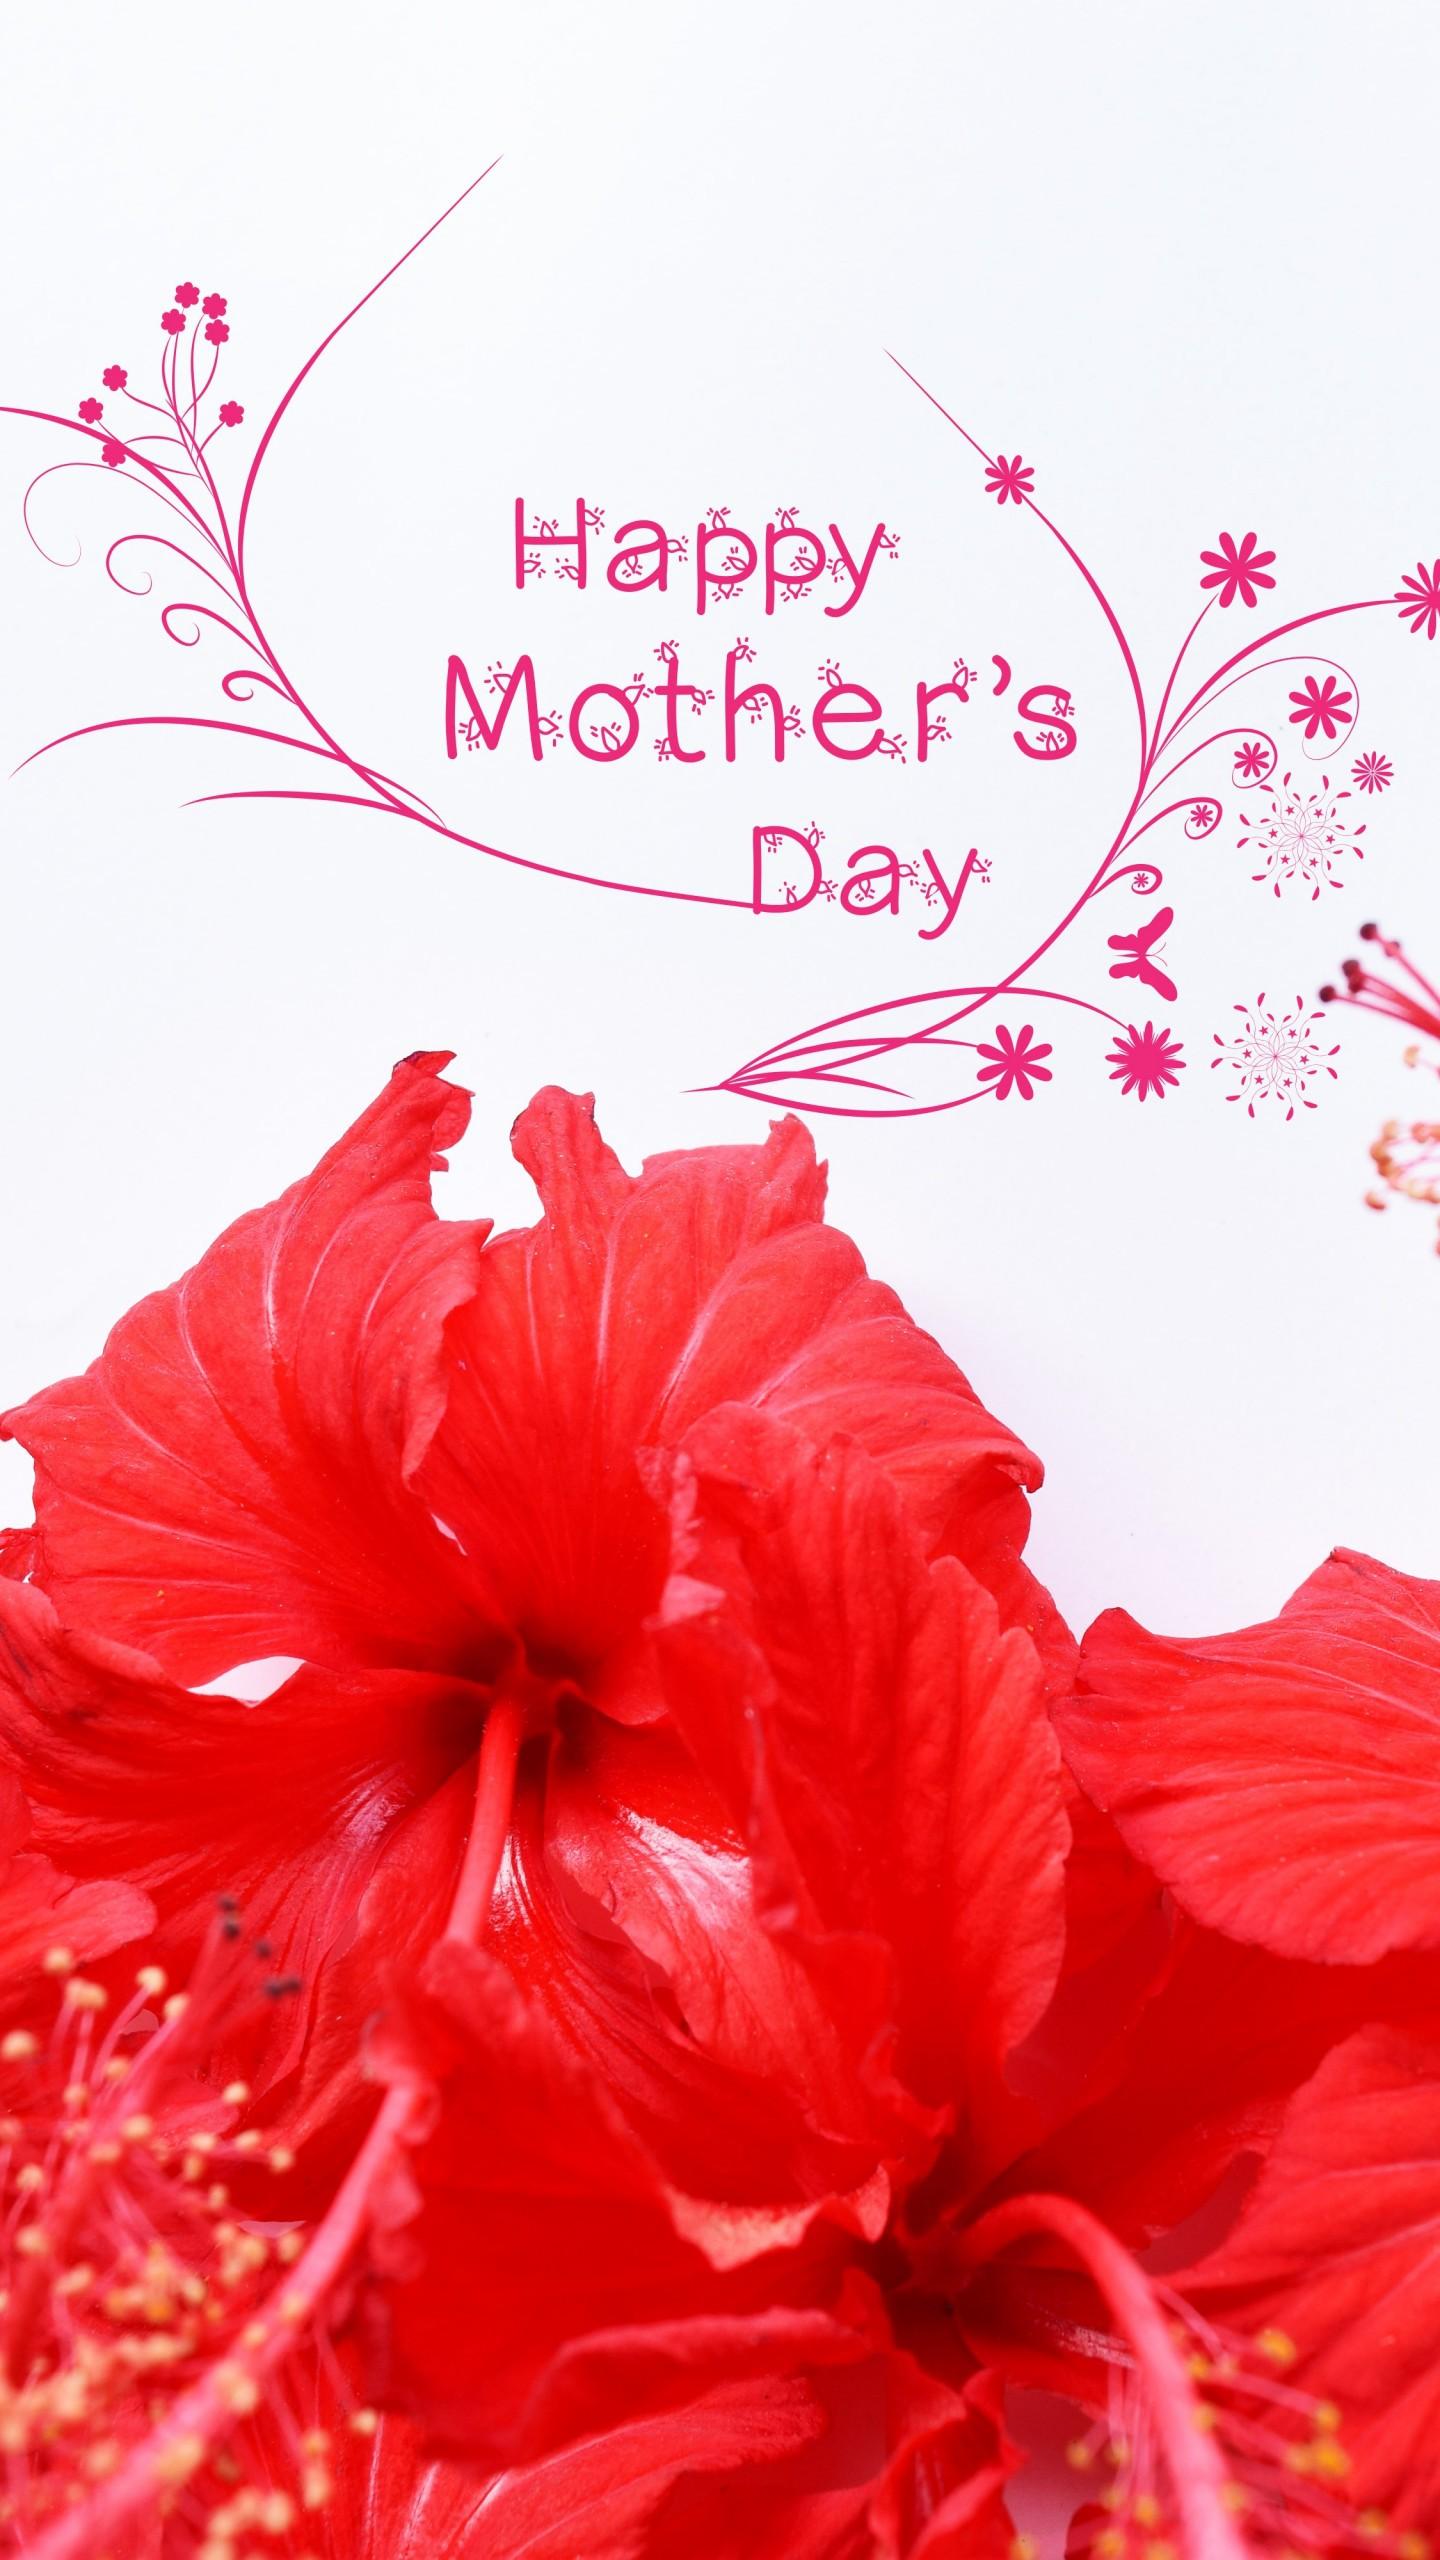 عکس زمینه روز مادر مبارک با گل قرمز پس زمینه